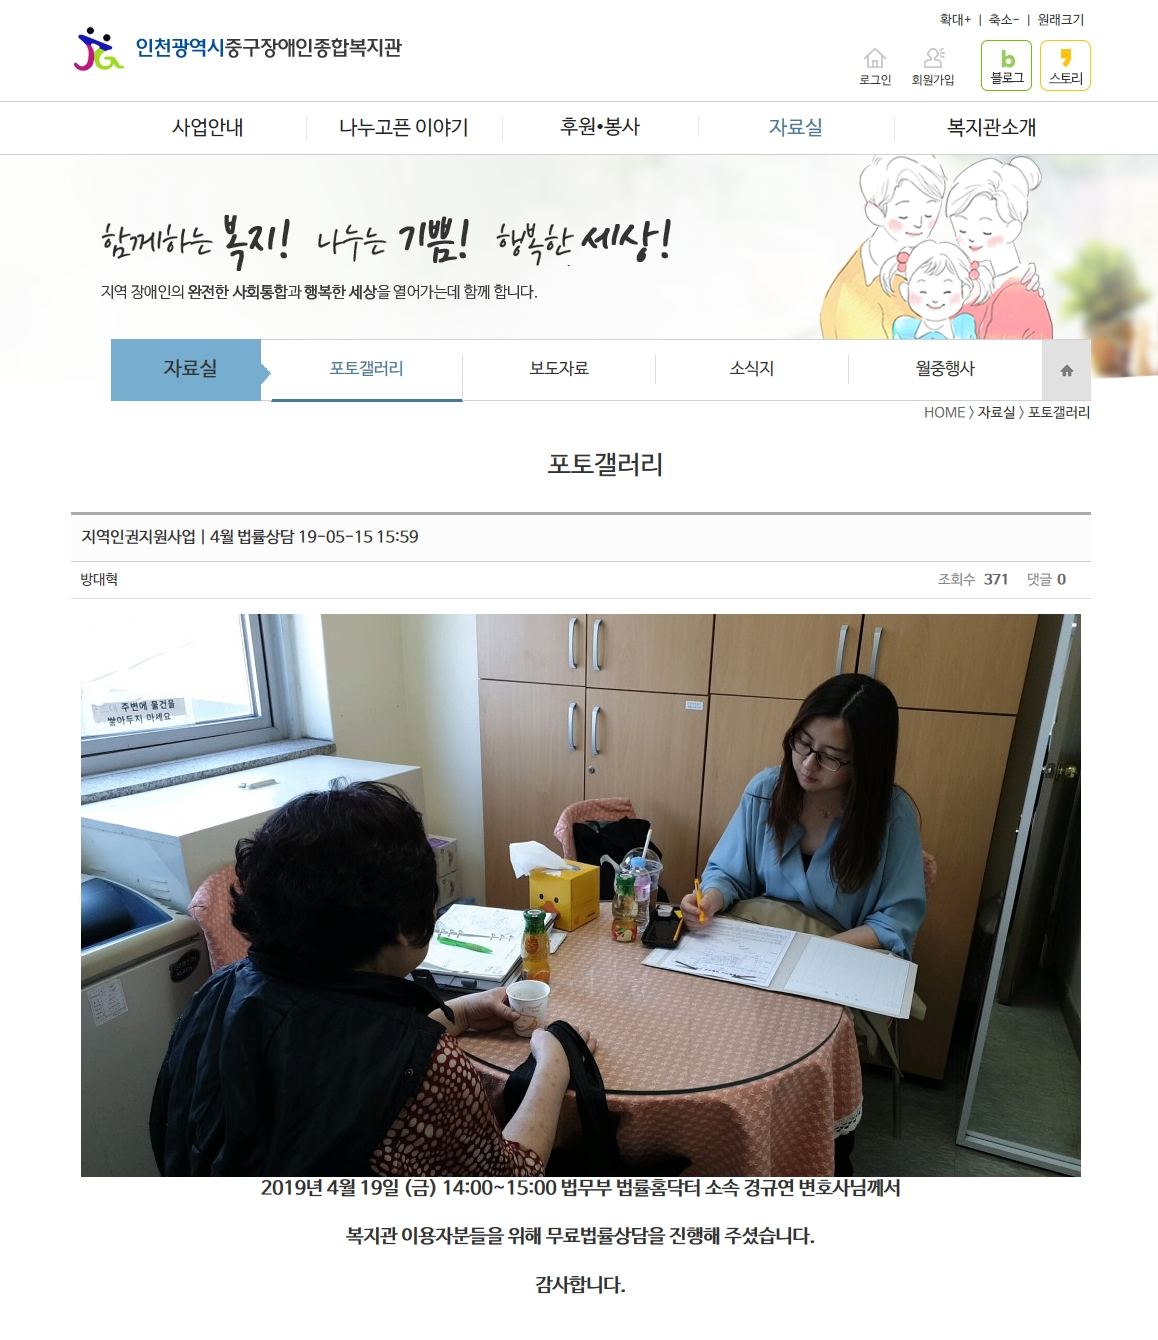 인천중구장애인종합복지관 법률상담 1 19.05.15